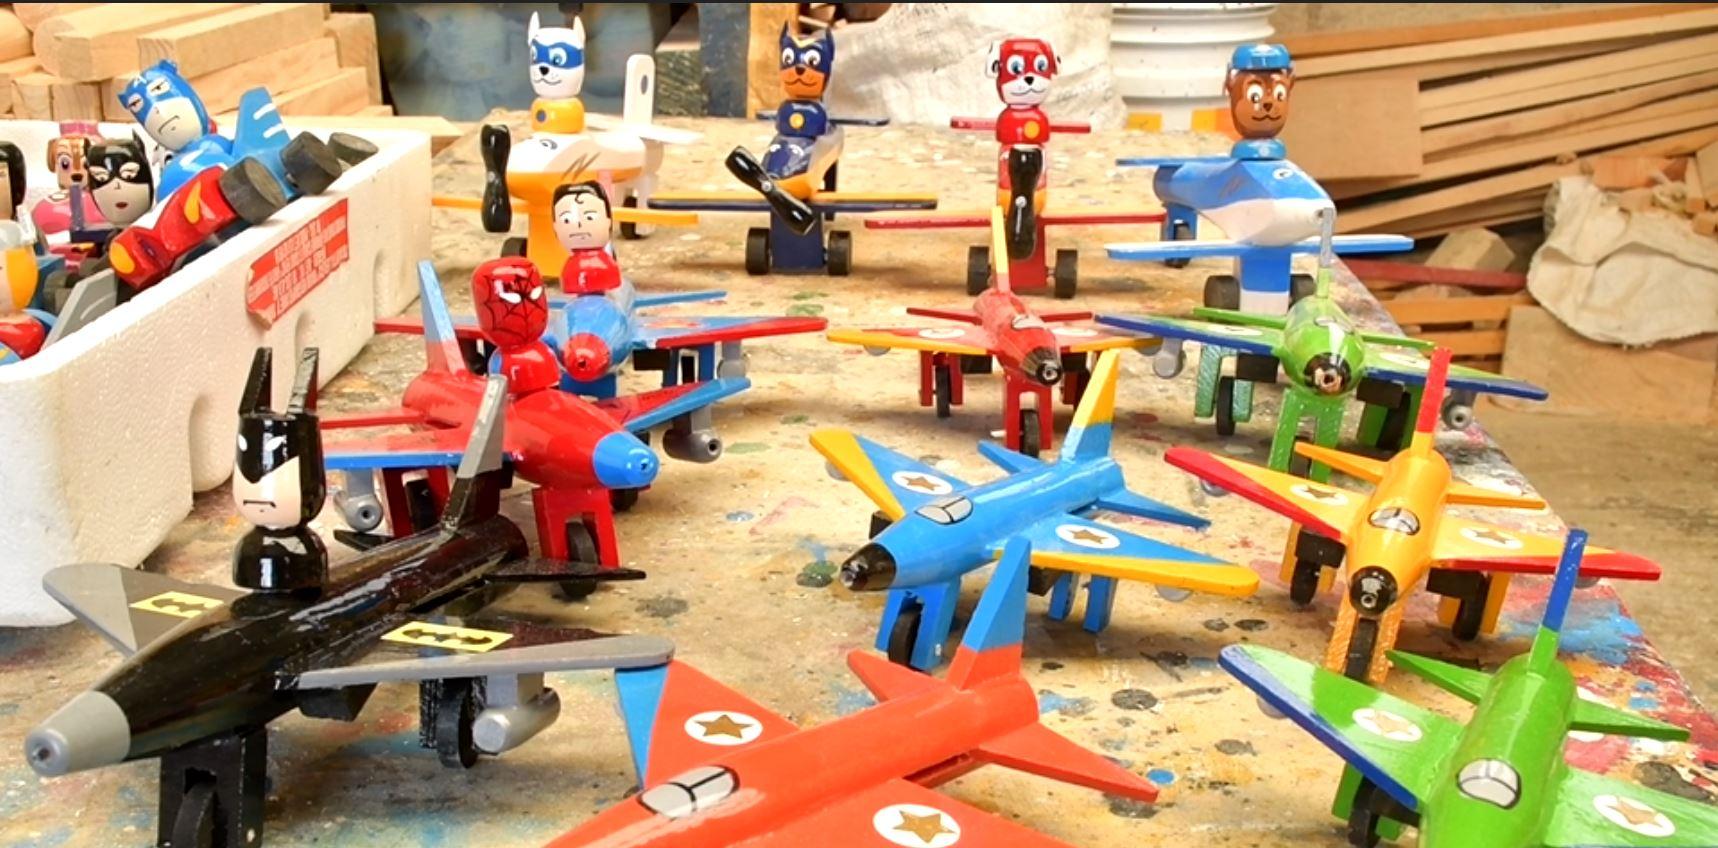 Edomex: San Antonio la Isla el paraíso de los juguetes de madera creados por artesanos mexicanos